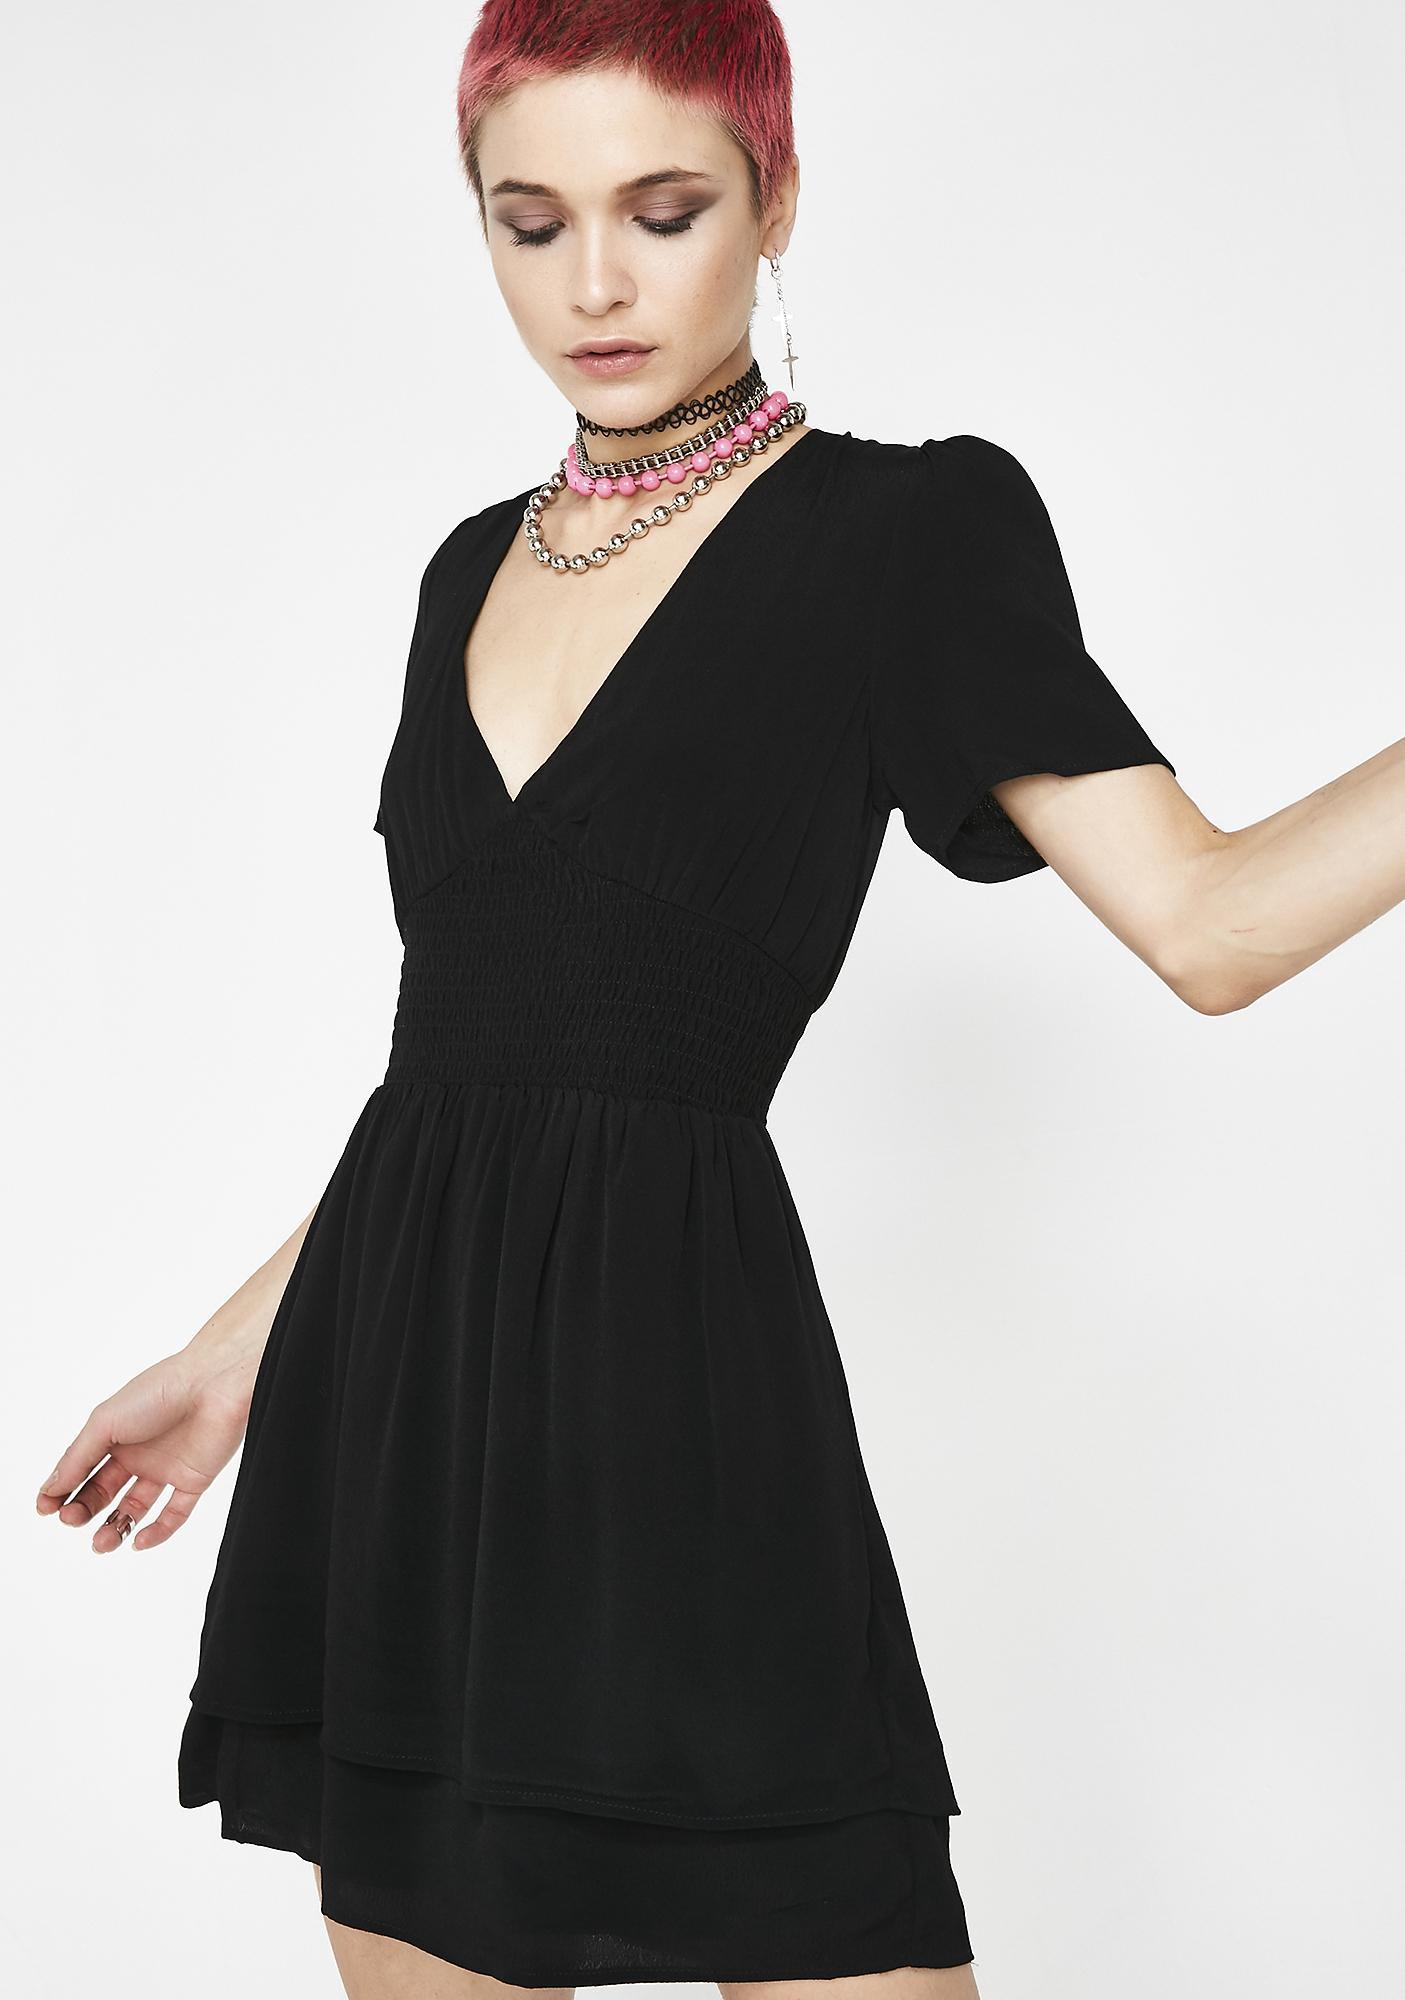 Mind Over Matter Cinched Dress